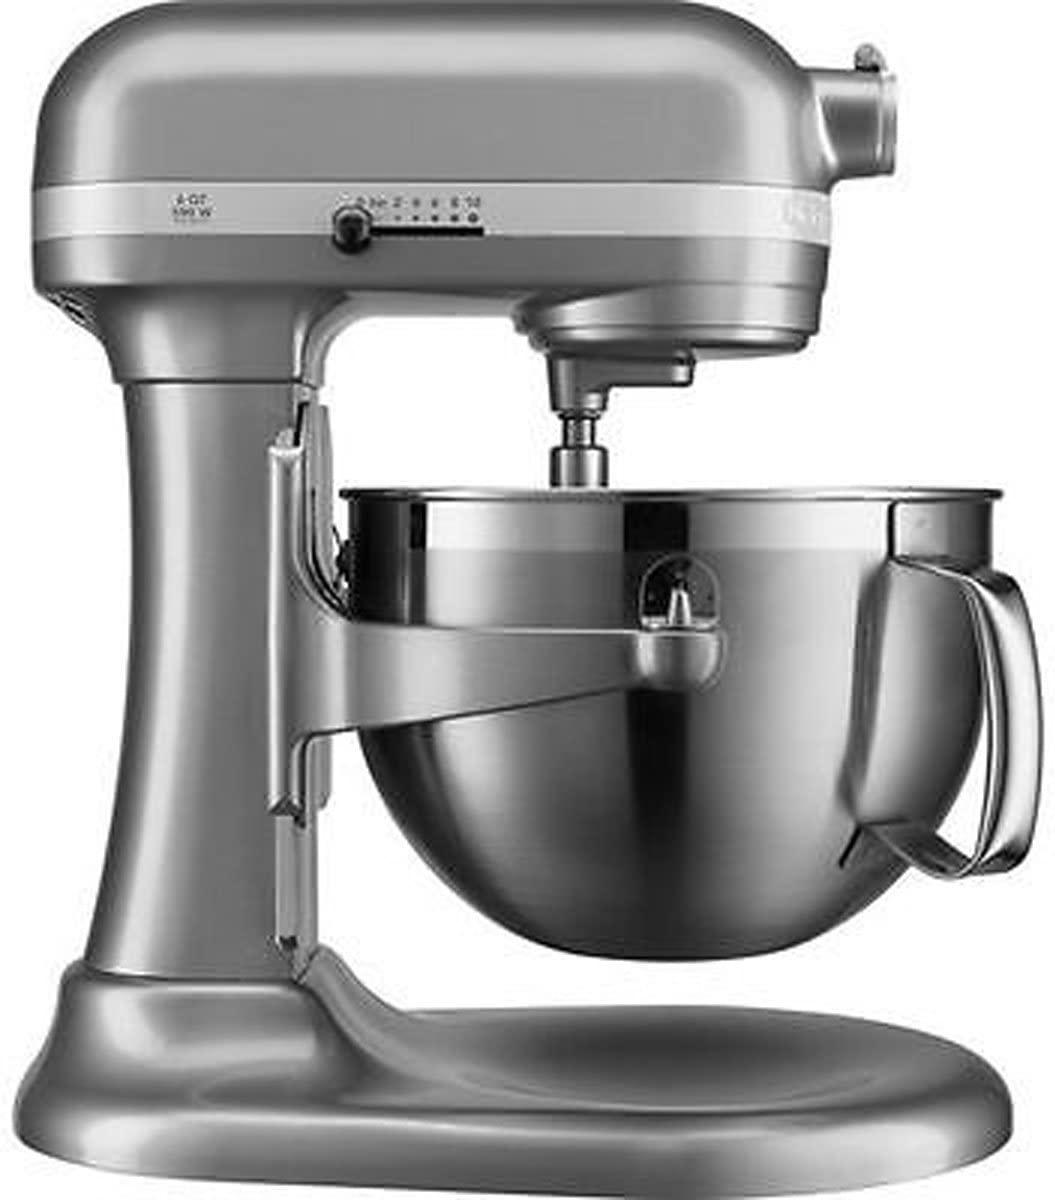 KitchenAid KP26M9XCCU Professional Stand Mixer